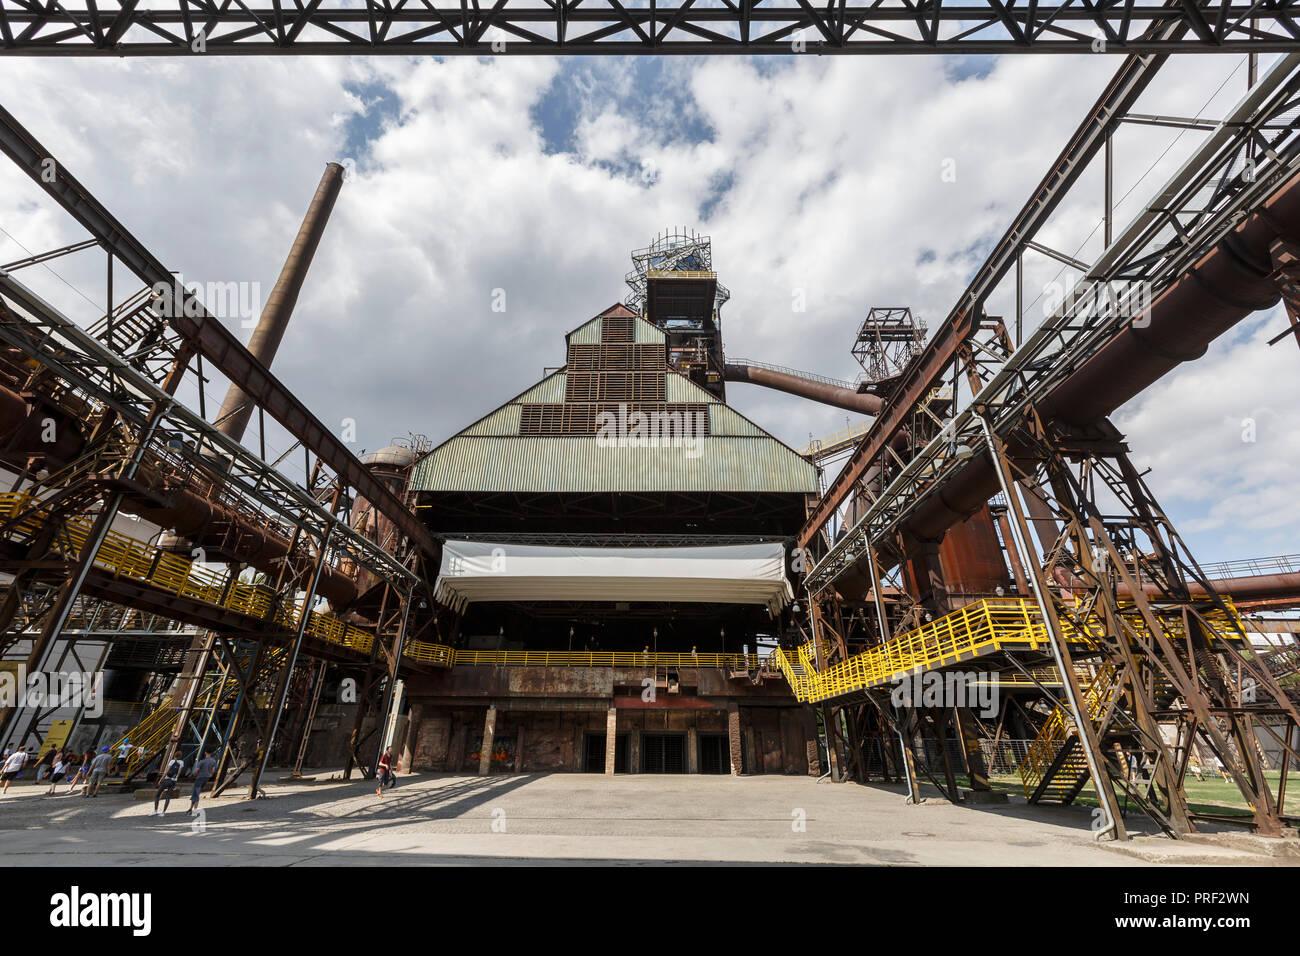 Ostrava, République tchèque - Le 21 août 2018: haut-fourneau à Vitkovice inférieur, un site national du patrimoine industriel composé d'une collection unique Photo Stock